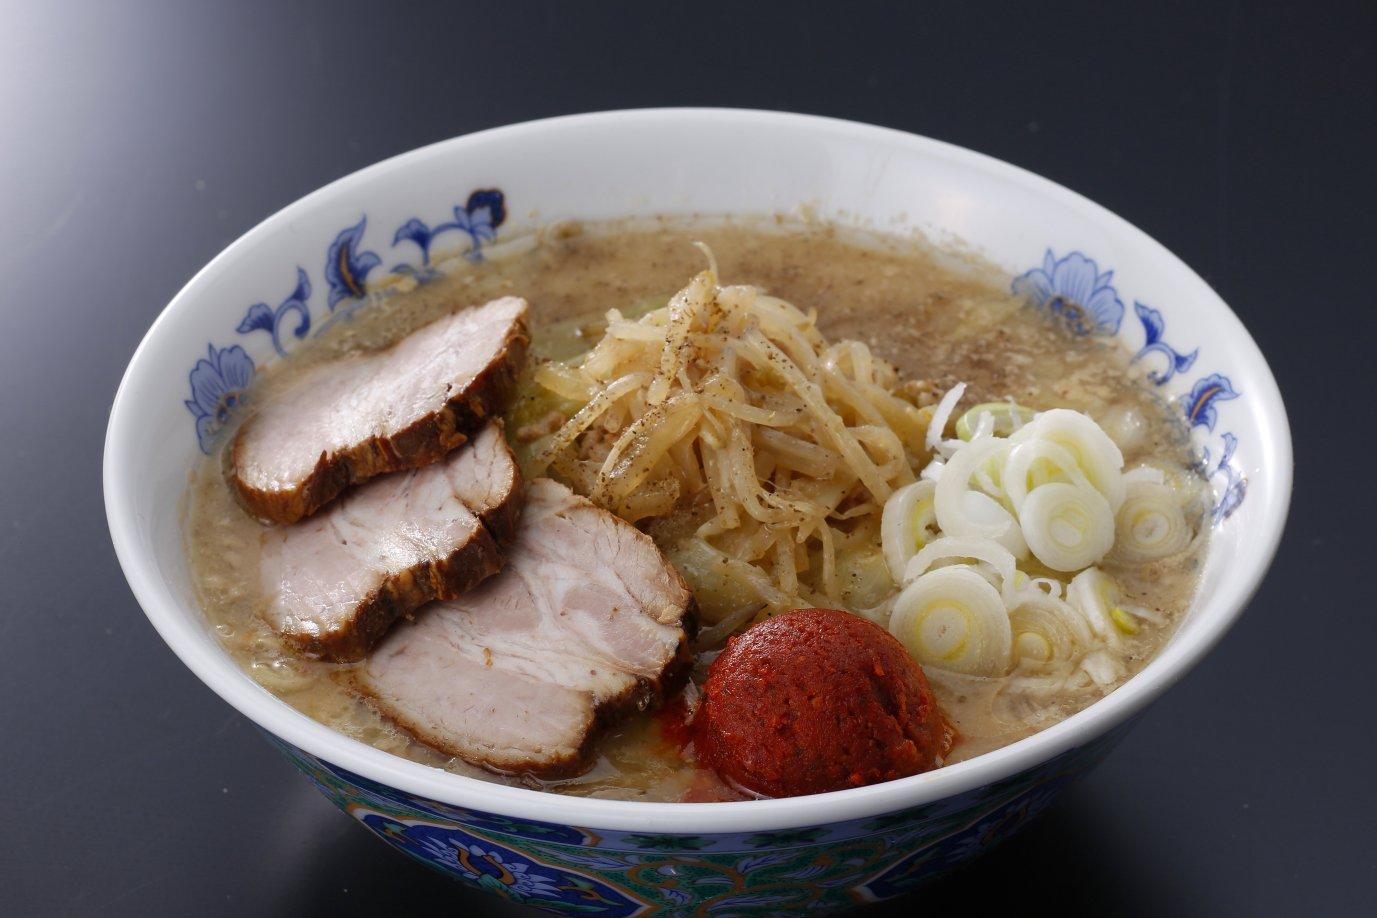 ★新業態「札幌味噌ラーメンとし食堂」FKD宇都宮店 3/26オープン